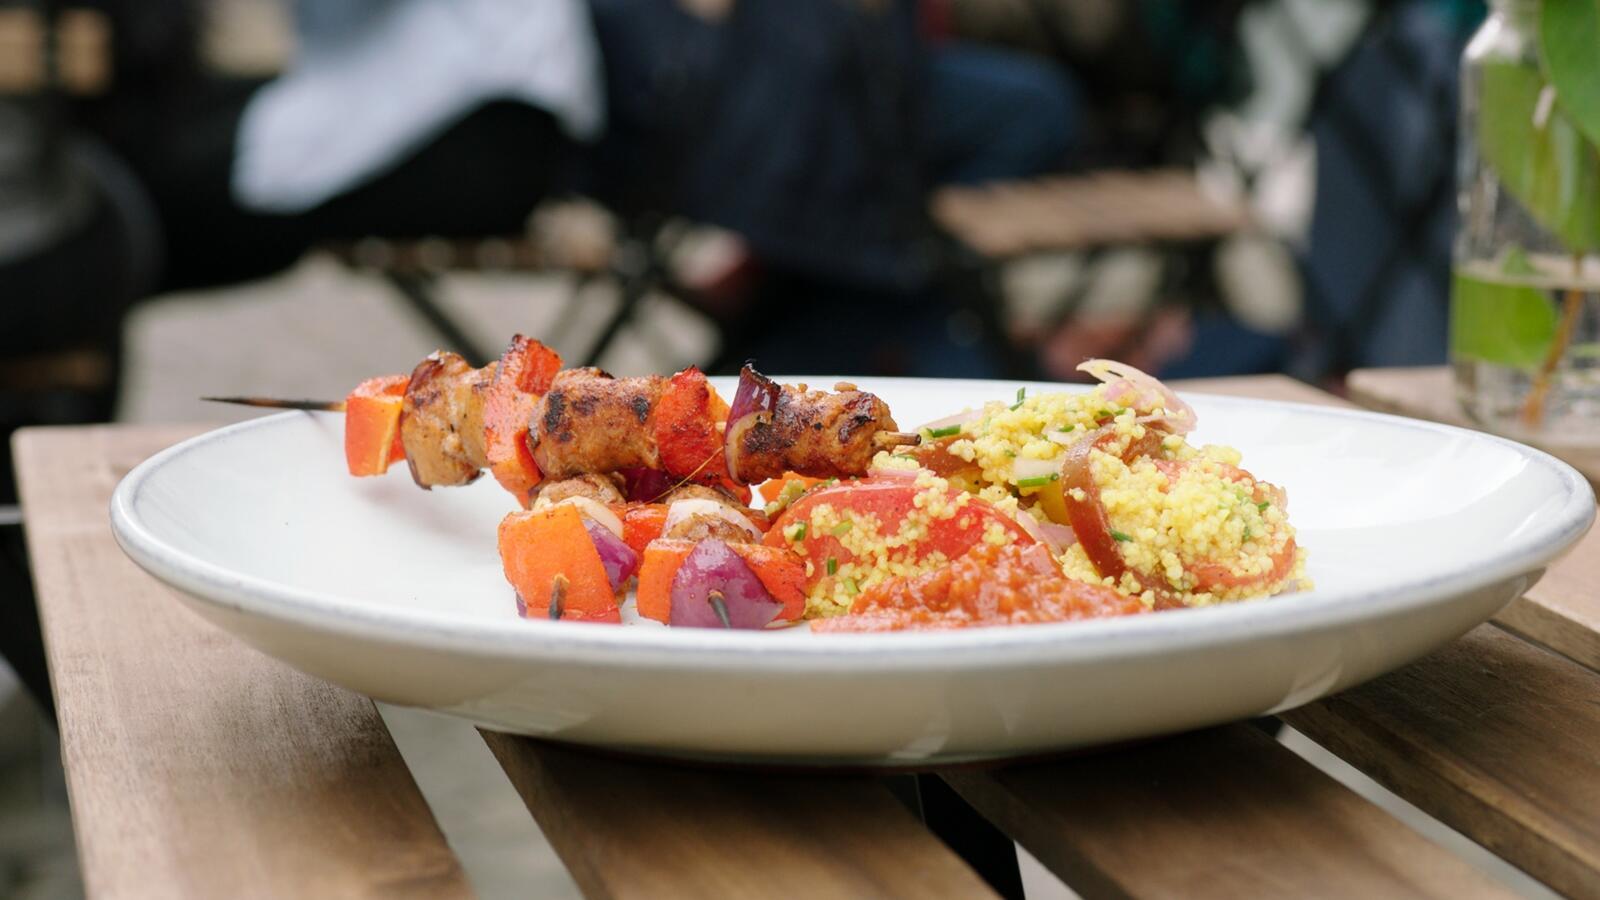 Brochette van merguez met een tomaten- en couscoussalade